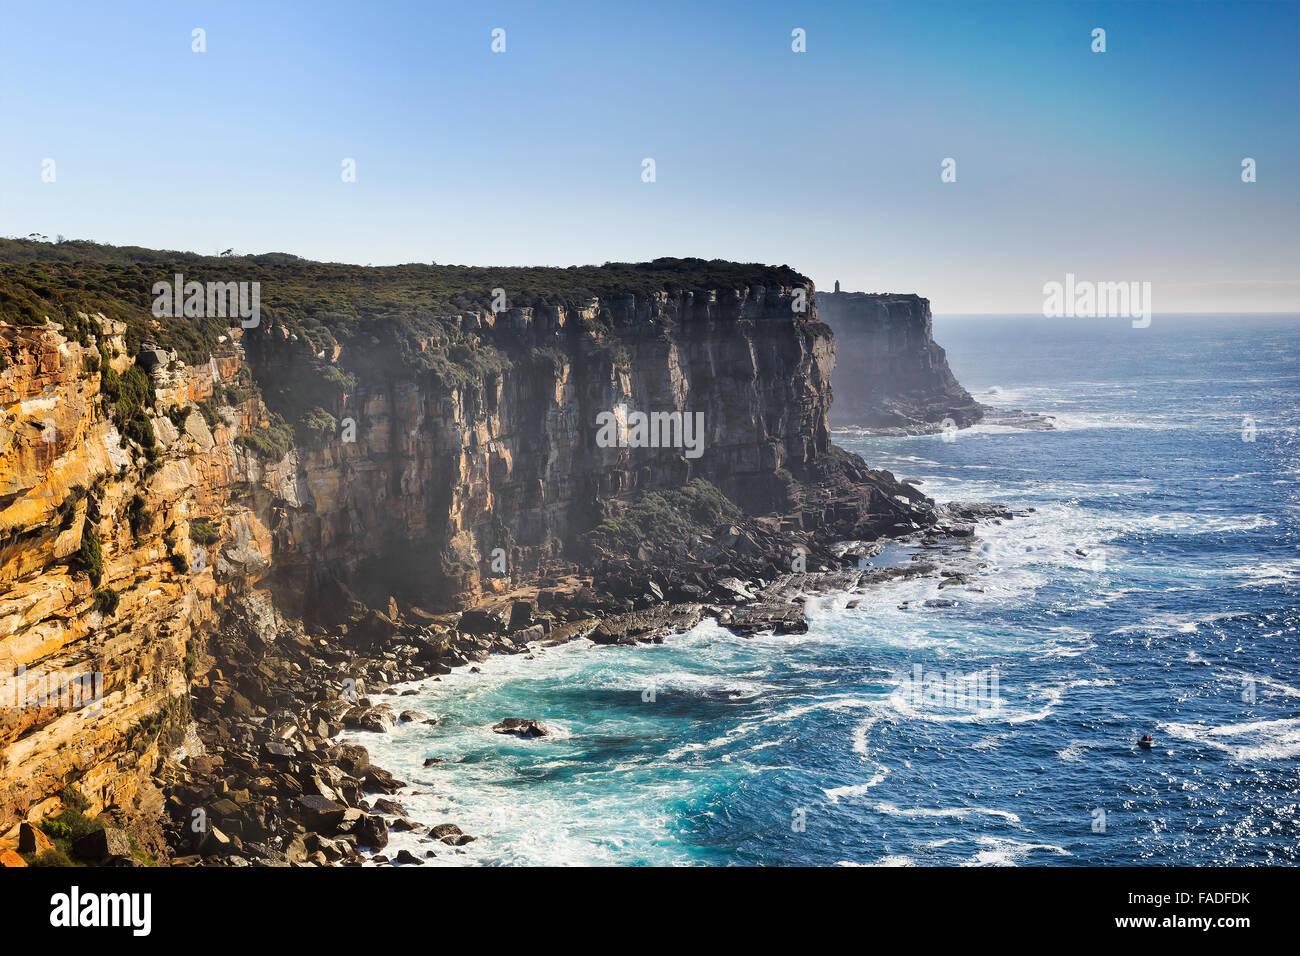 Vista desde el mirador elevado desde la cabeza del norte de Sydney, Australia, hacia la costa rocosa en un día Imagen De Stock